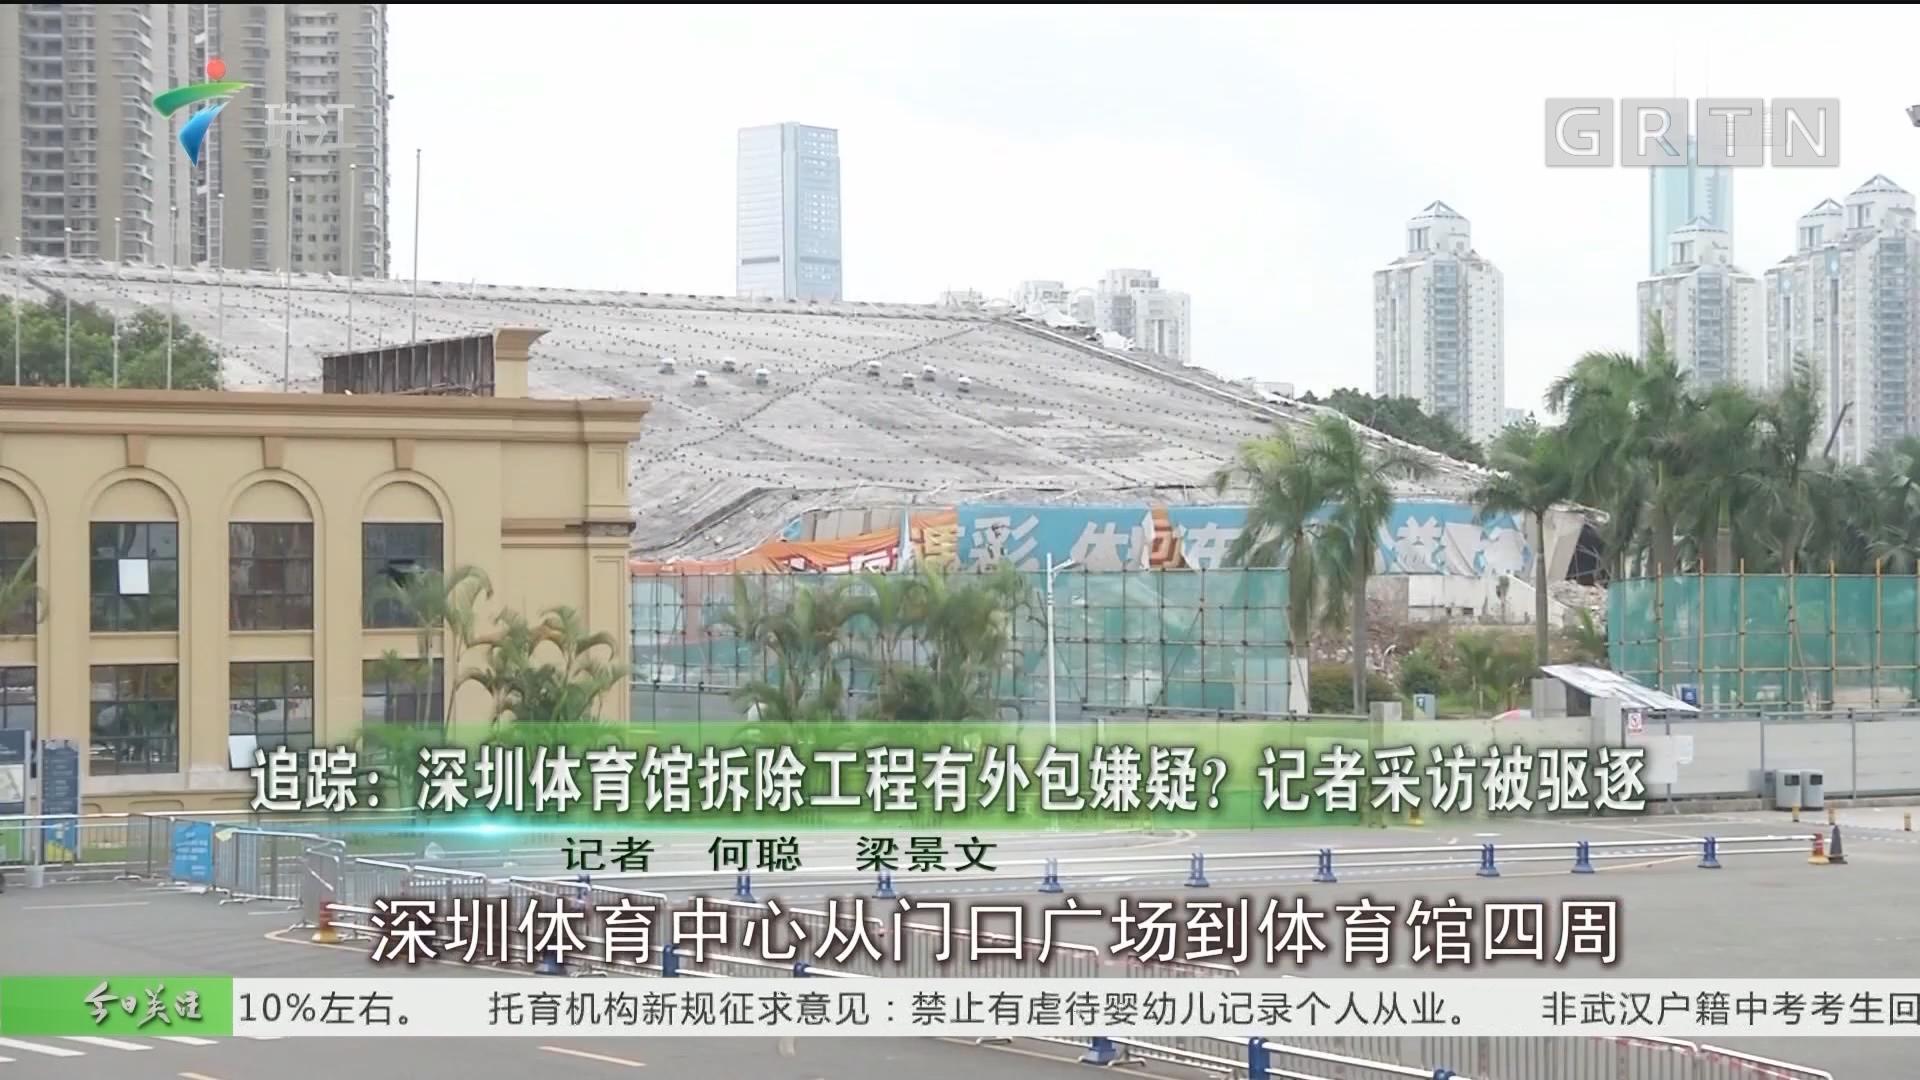 追踪:深圳体育馆拆除工程有外包嫌疑?记者采访被驱逐